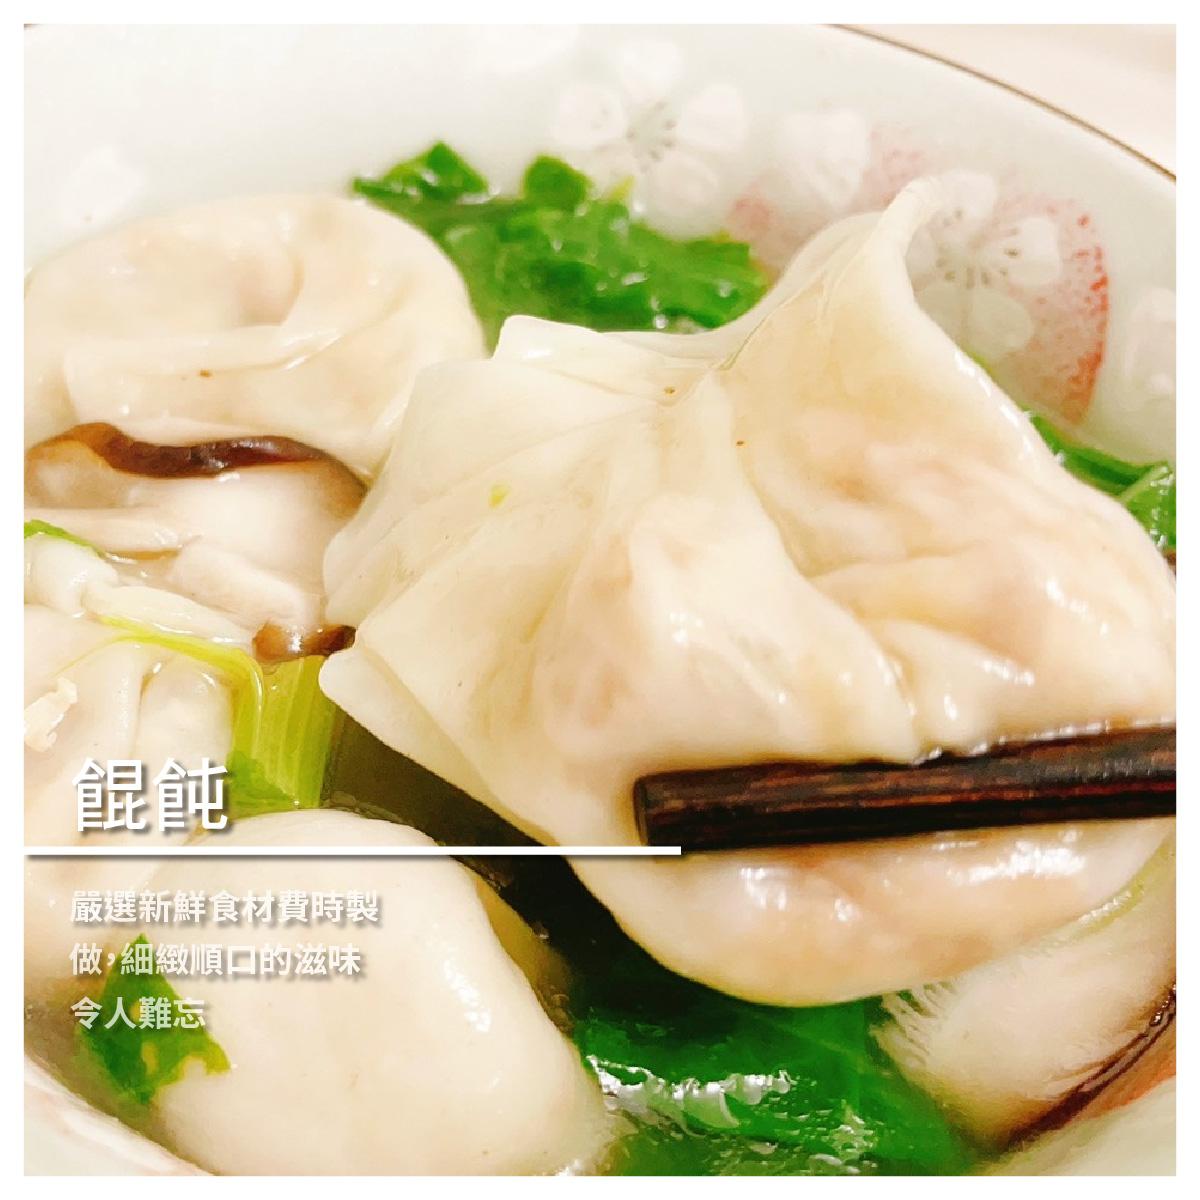 【珠媽媽素食手工水餃餛飩】餛飩 45入/包